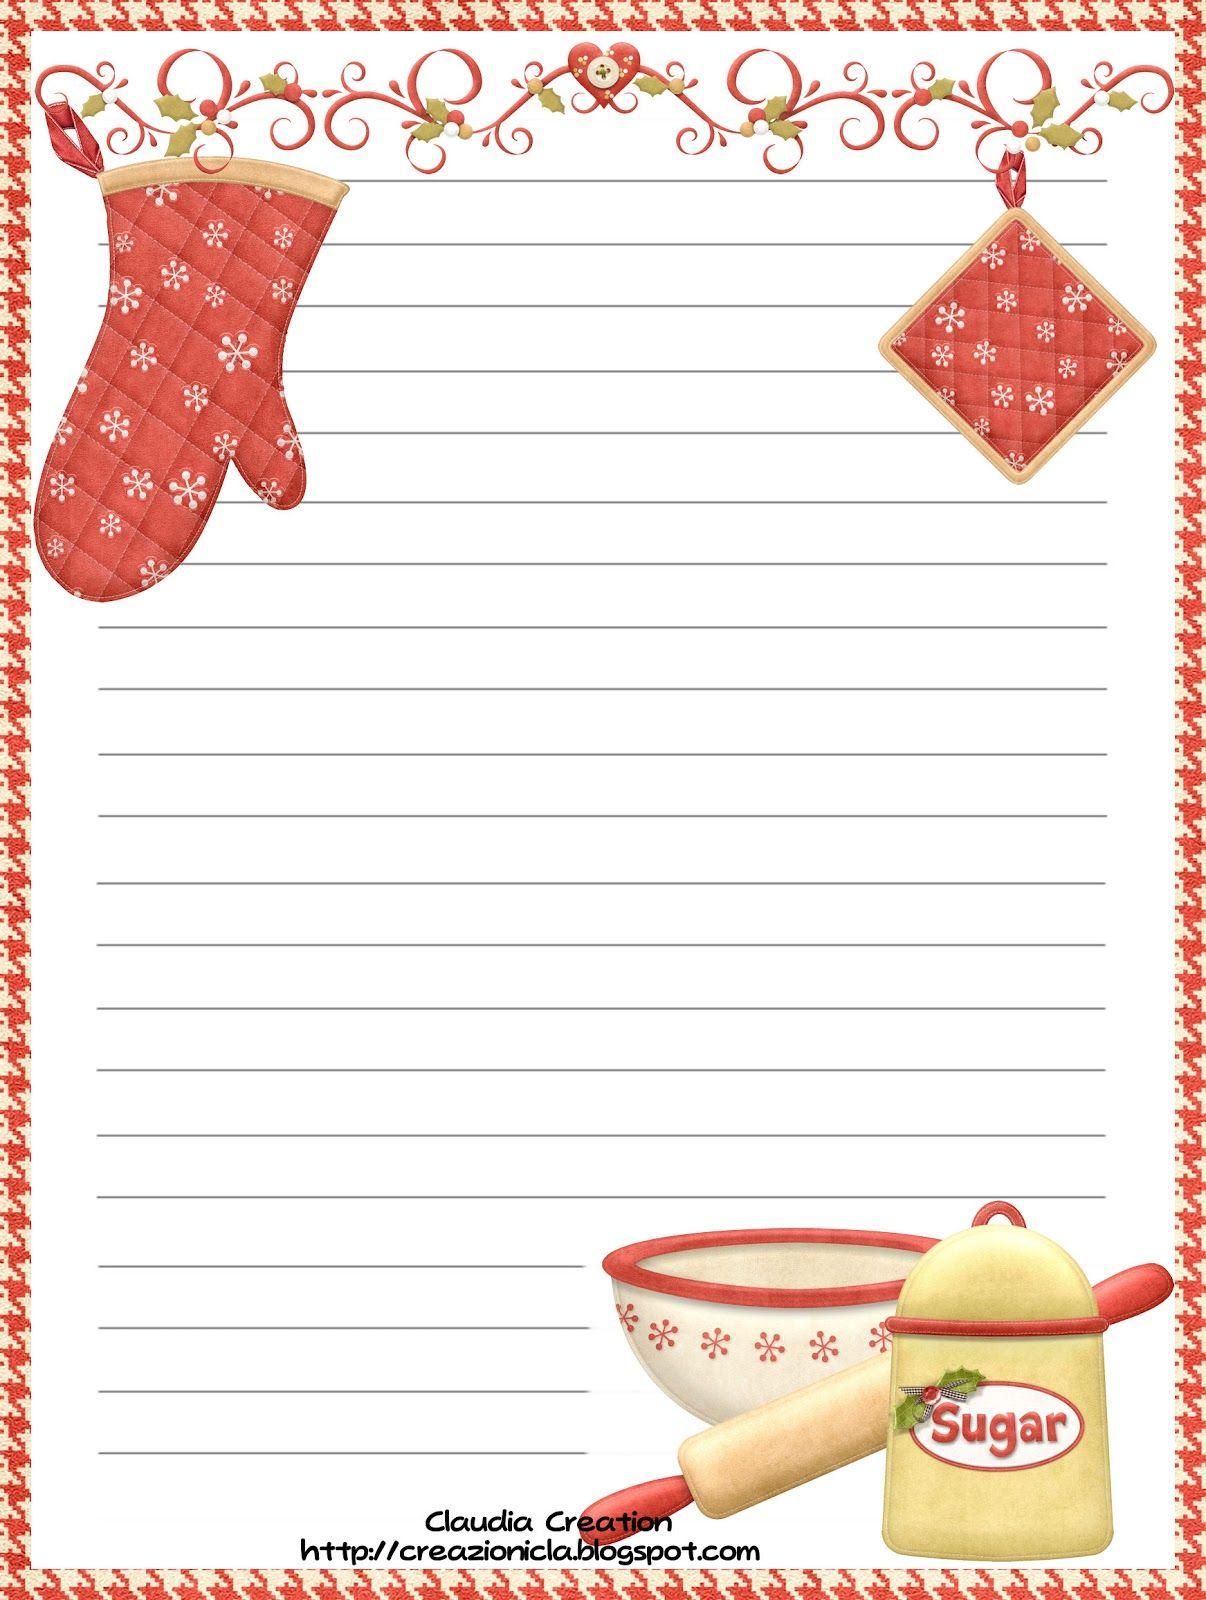 8.5x11 free recipe printable il mio angolo creativo: Ricettario ...